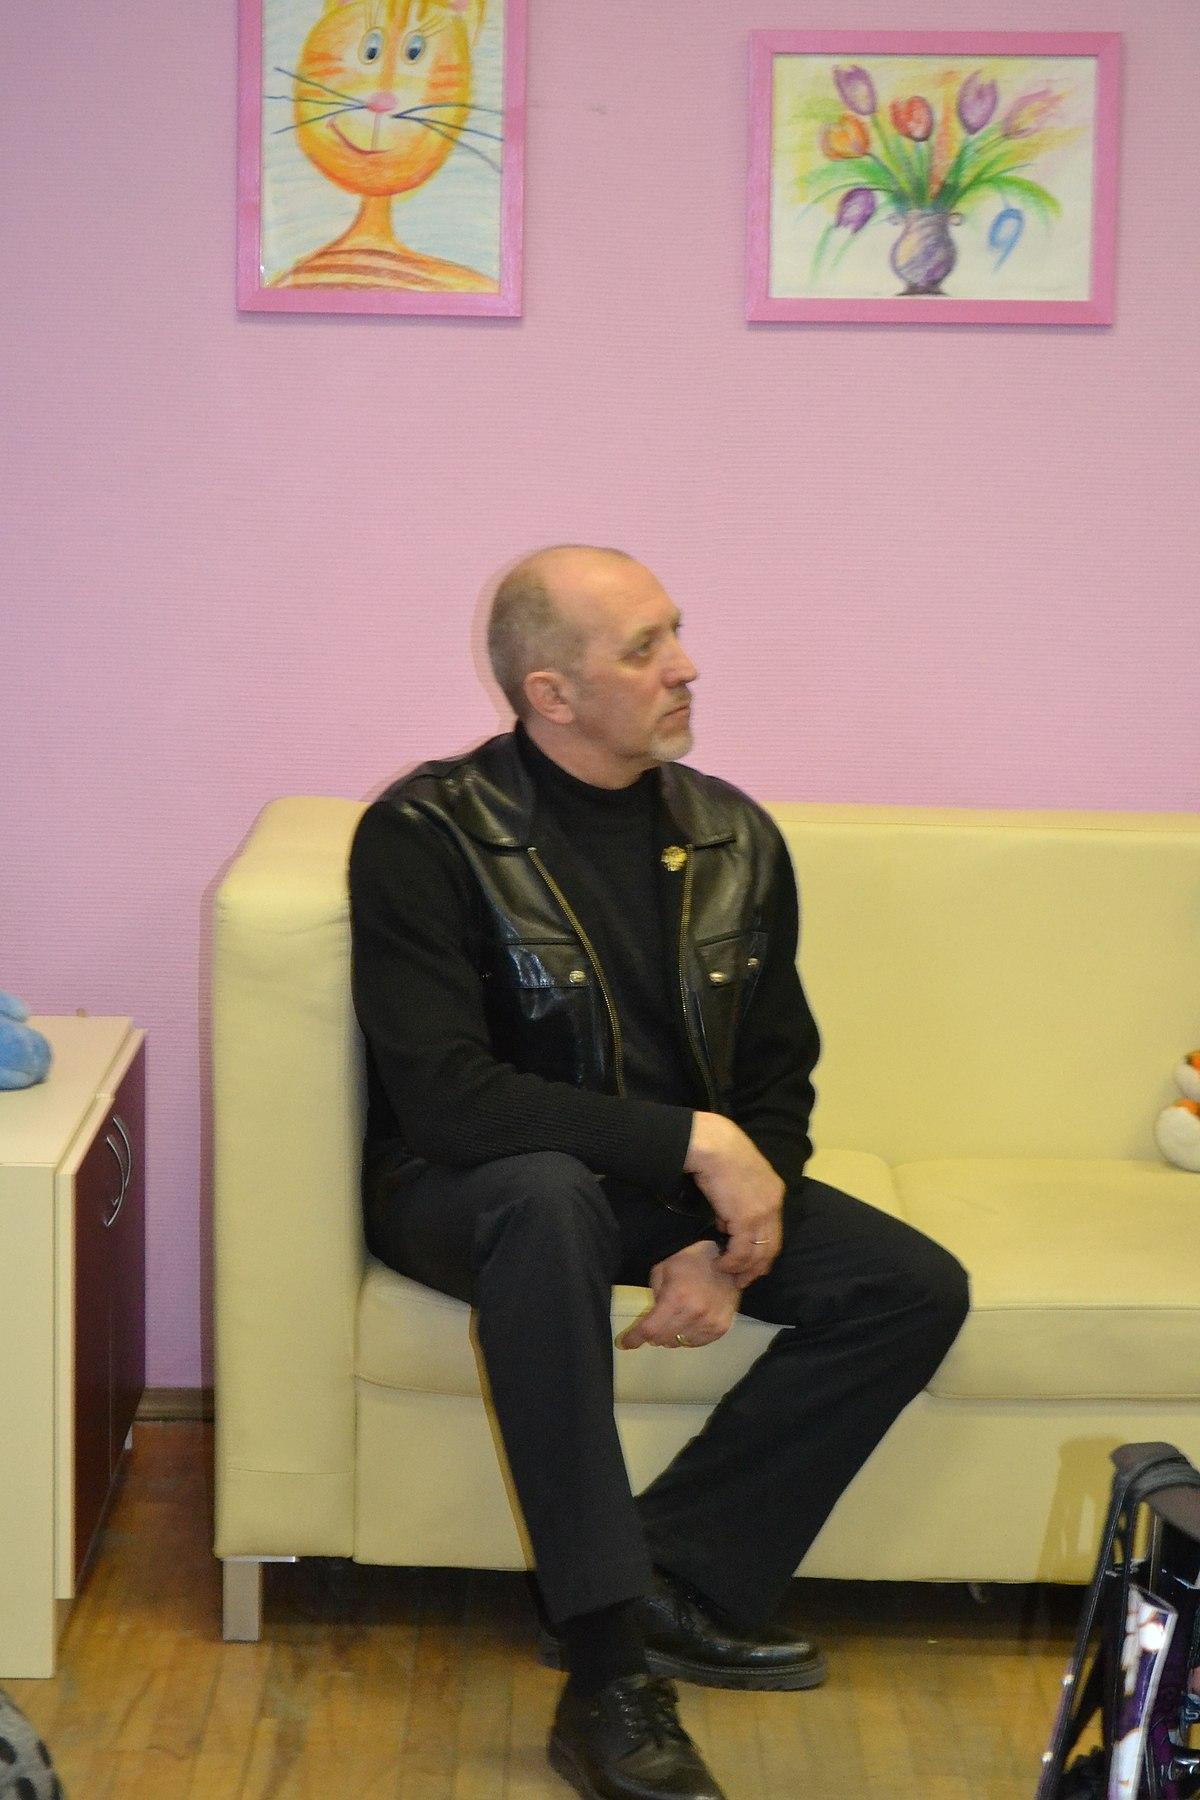 Захаров, Евгений Александрович